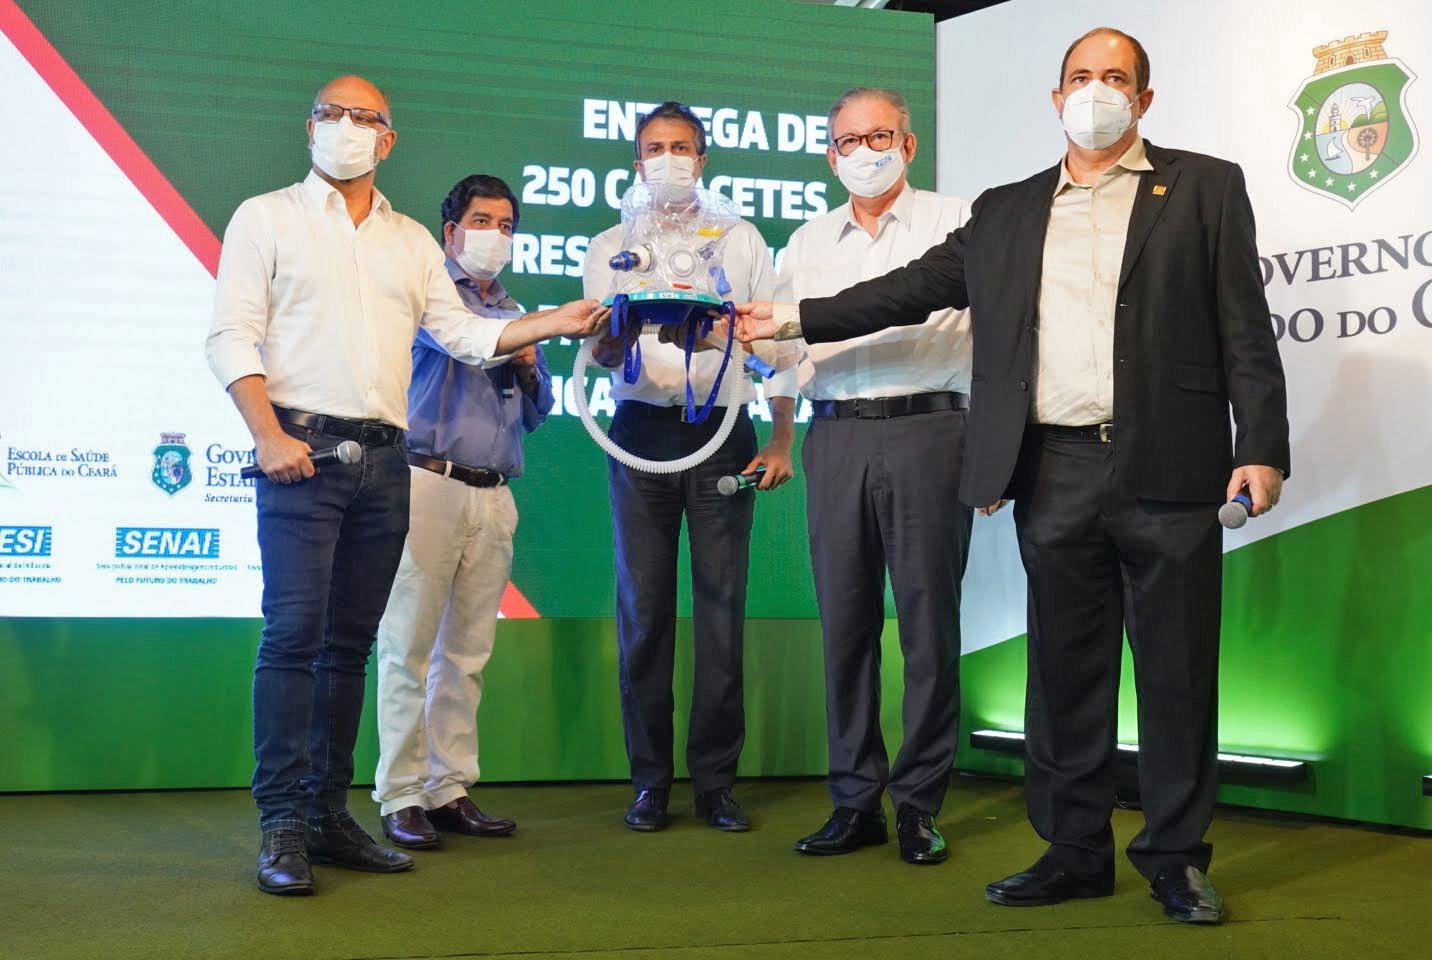 Capacetes respiratórios Elmo reduzirão necessidade de intubação e leitos de UTIs no Ceará